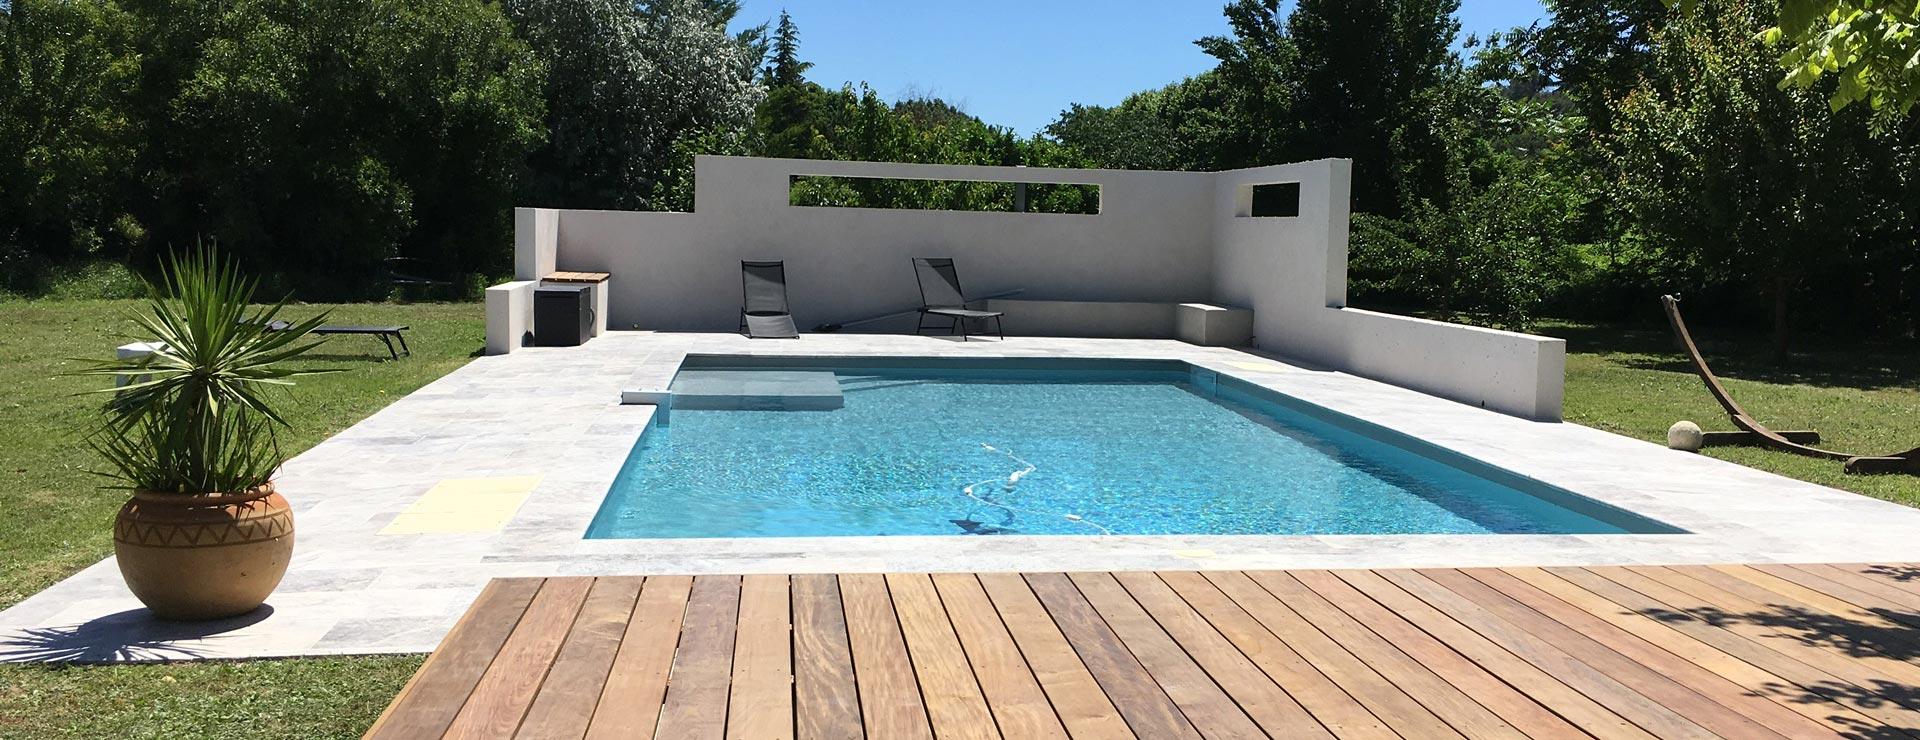 Constructeur de piscine aix en provence jouques renovation for Construction piscine 54